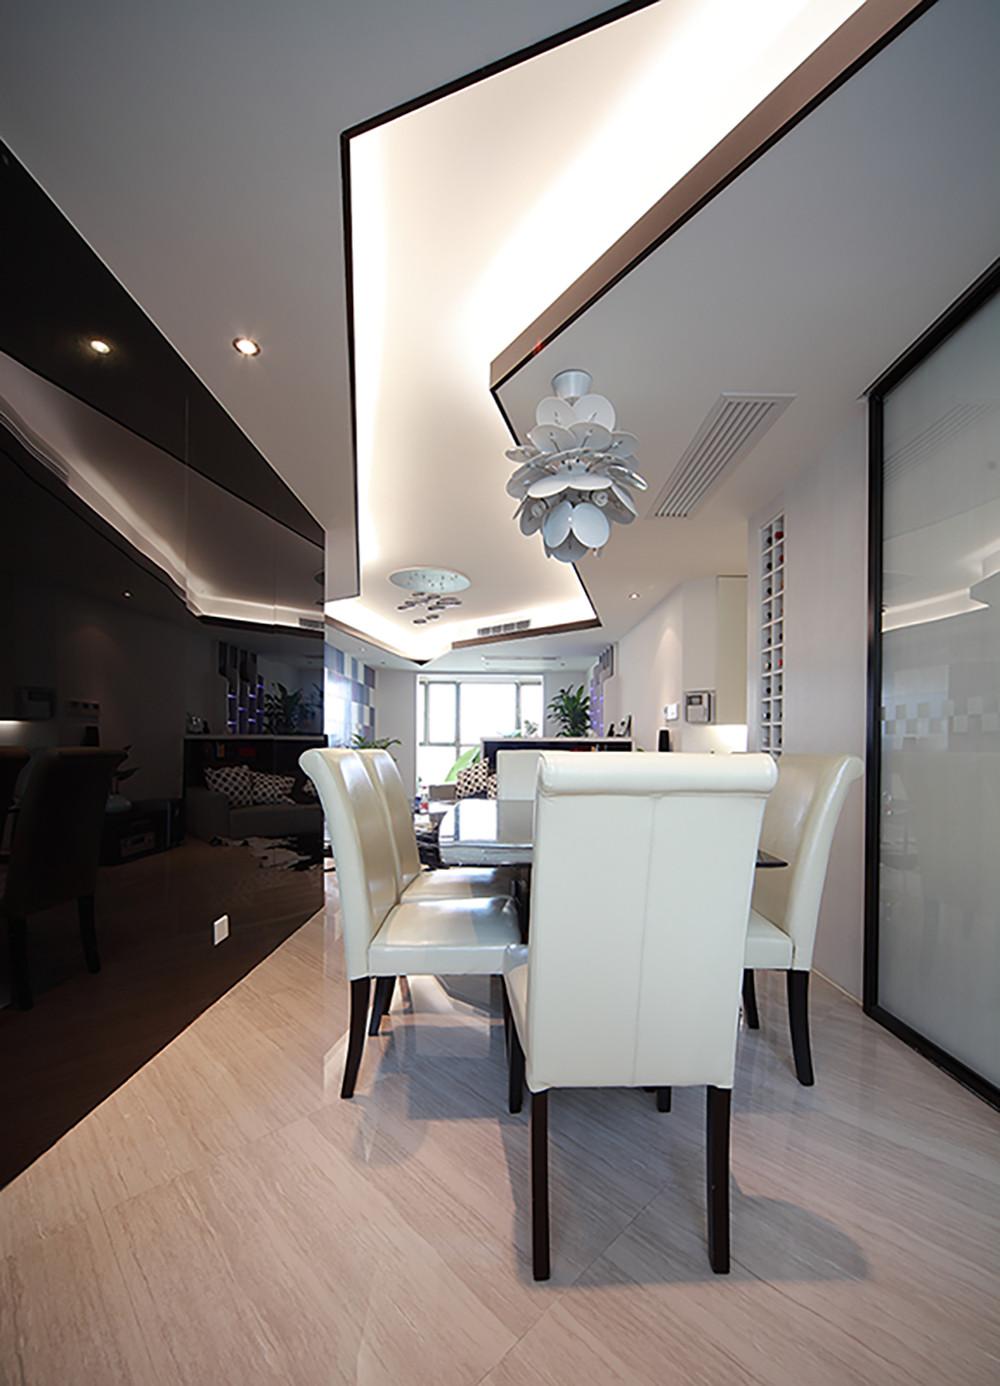 现代风格三居之家餐厅吊顶